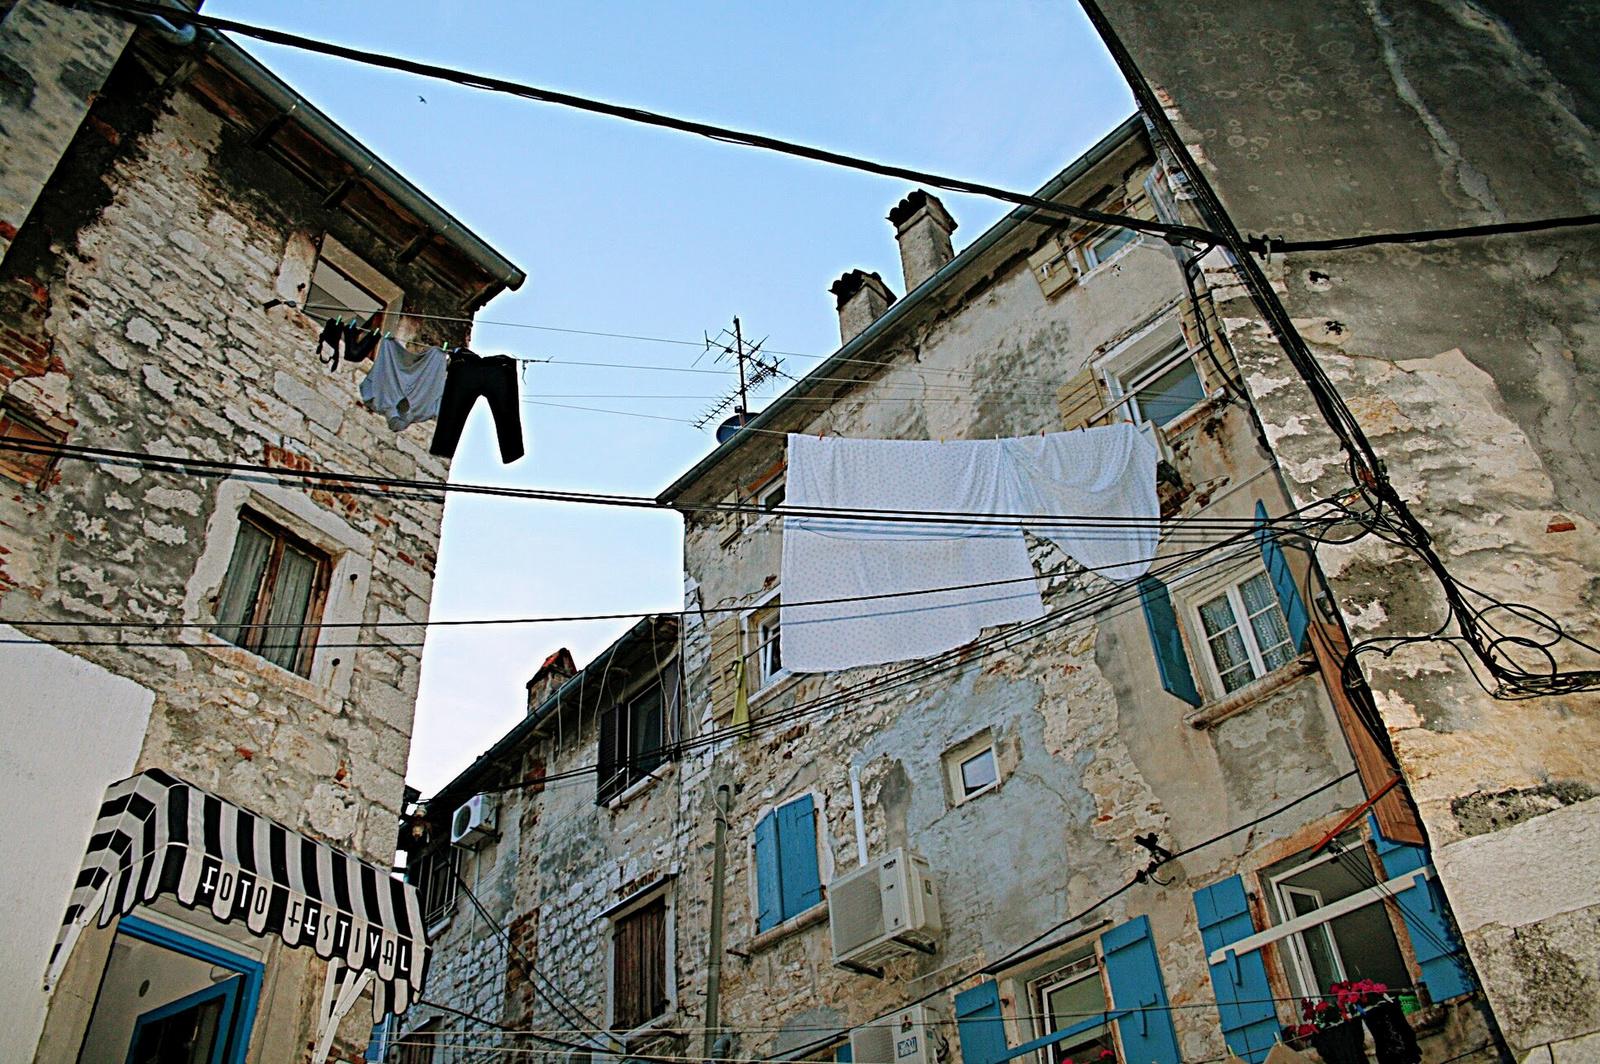 Fotó fesztivál a száradó ruhák alatt